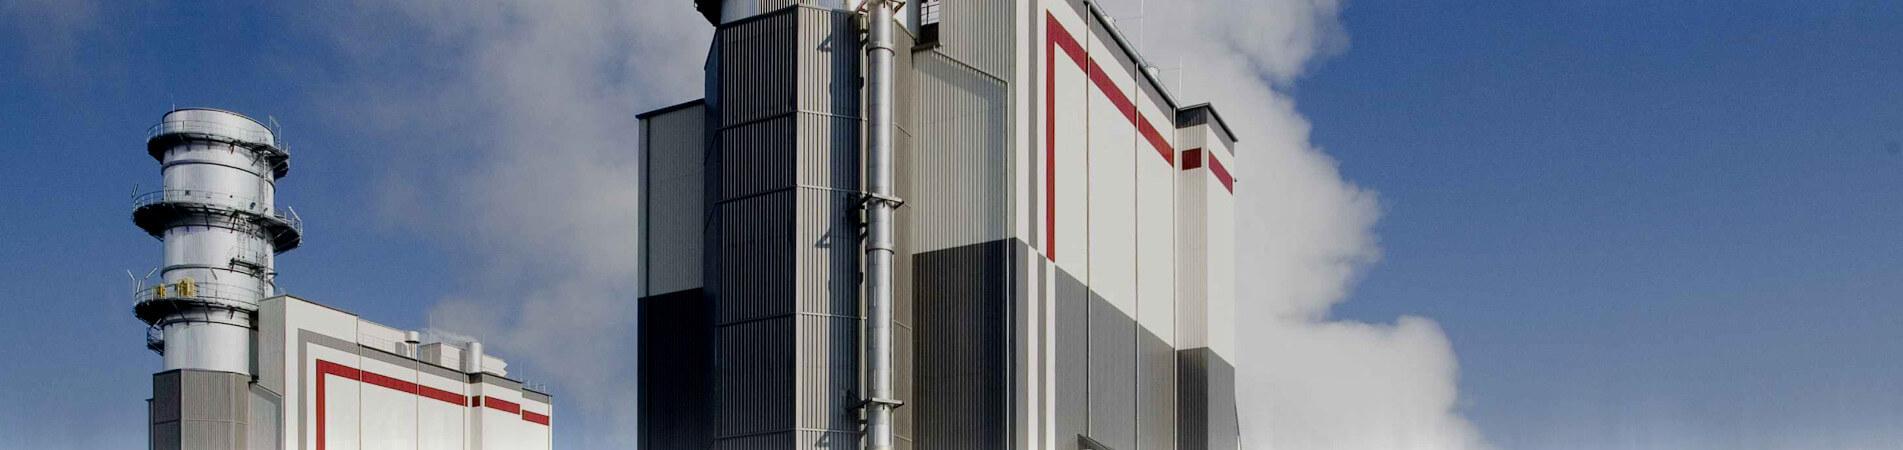 Willy Matheisl, Das Kernkraftwerk Temelín, tschechisch Jaderná elektrárna Temelín, (tschech. Abk. JETE) ist ein Kernkraftwerk in Tschechien. Es ist das nach Leistung größte Kraftwerk in Tschechien. Es besteht aus zwei Reaktorblöcken mit einer Gesamtleistung von 2000 MW. In dem Kernkraftwerk sind z. Z. ungefähr 1000 Menschen beschäftigt.Es hat vier Kühltürme mit einer Höhe von je 150 m. Ihr Durchmesser (auf Bodenhöhe) beträgt 130 m, die Außenwand hat eine Fläche von 44.000 m².Es liegt in der Nähe des Dorfes Temelín 5 km südlich von Týn nad Vltavou (Moldauthein), 24 km nördlich von Ceské Budejovice (Böhmisch Budweis) in Südböhmen, Tschechien. Das Kernkraftwerk liegt 50 km von der österreichischen und 60 km von der deutschen Grenze entfernt. Das Gelände, auf dem das Kernkraftwerk liegt, ist 1,45 km² groß, davon sind 1,23 km² umzäunt